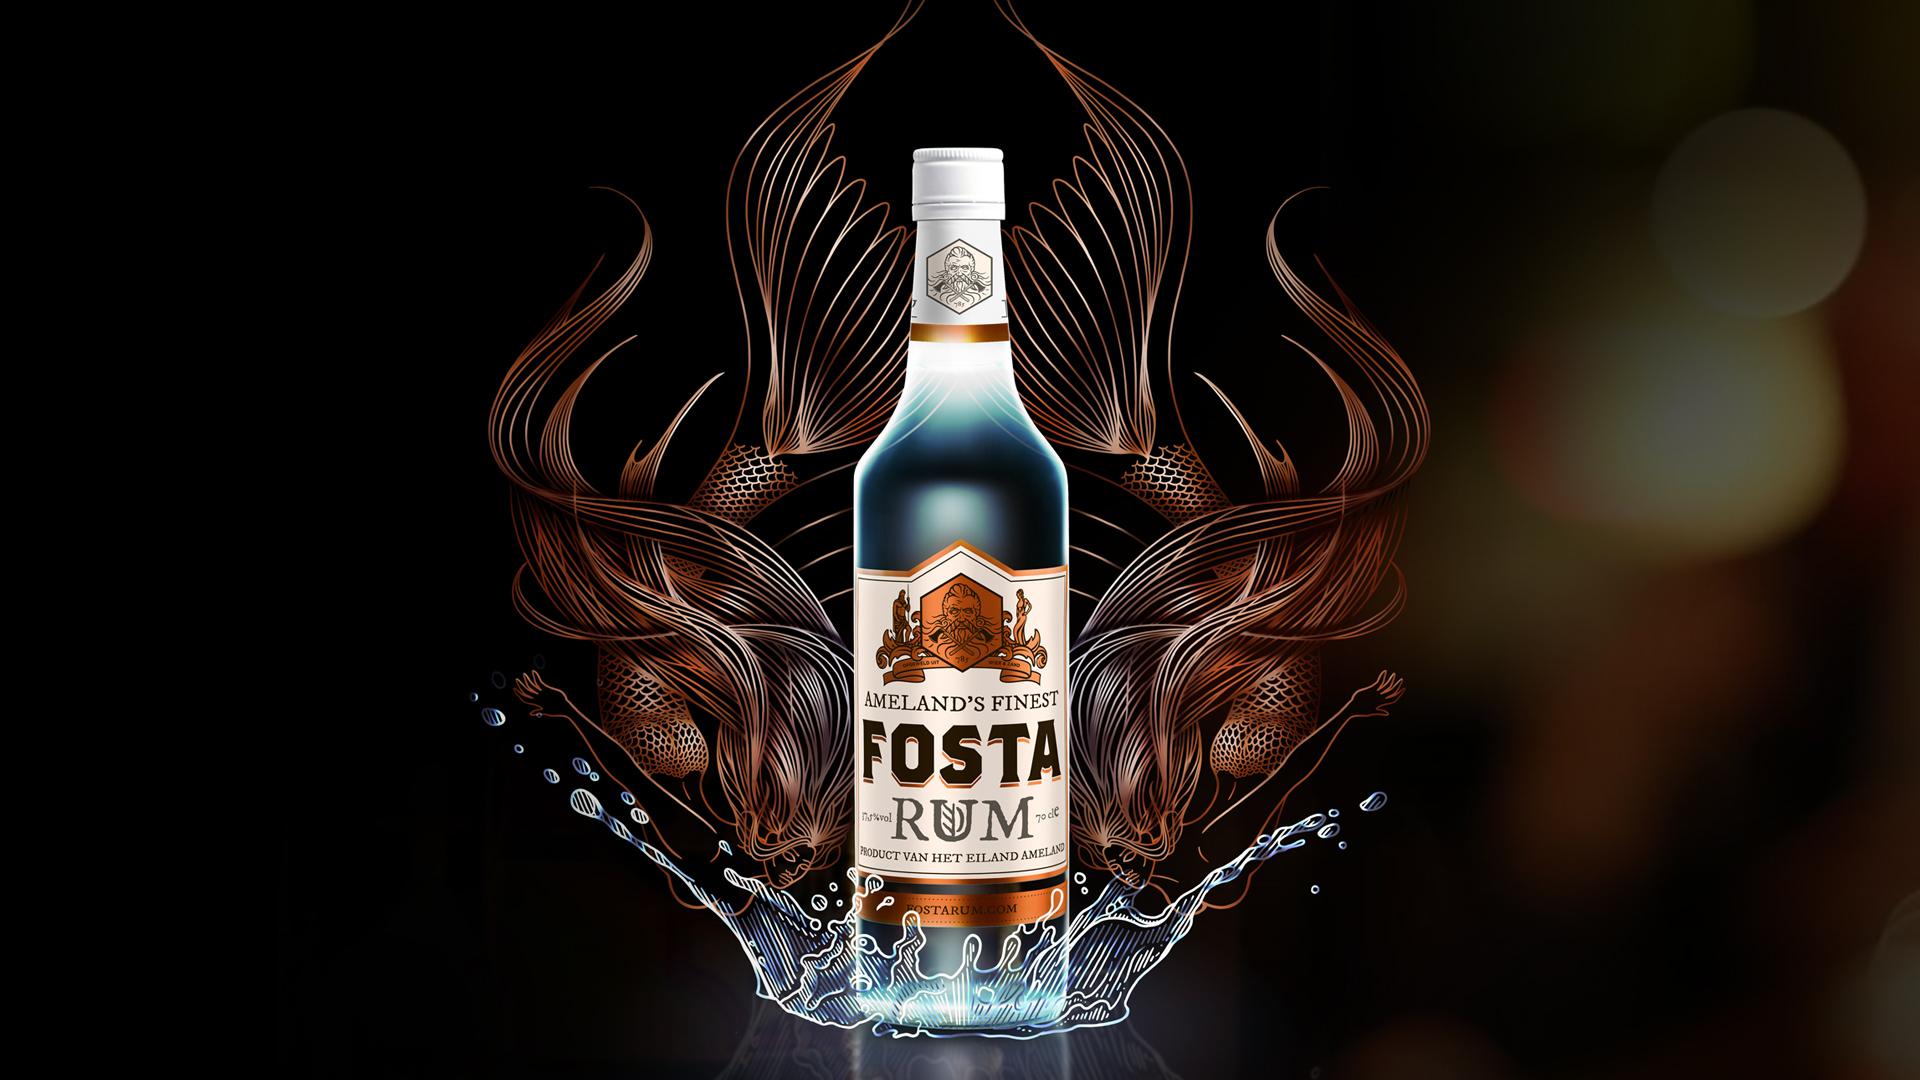 fostarum-2